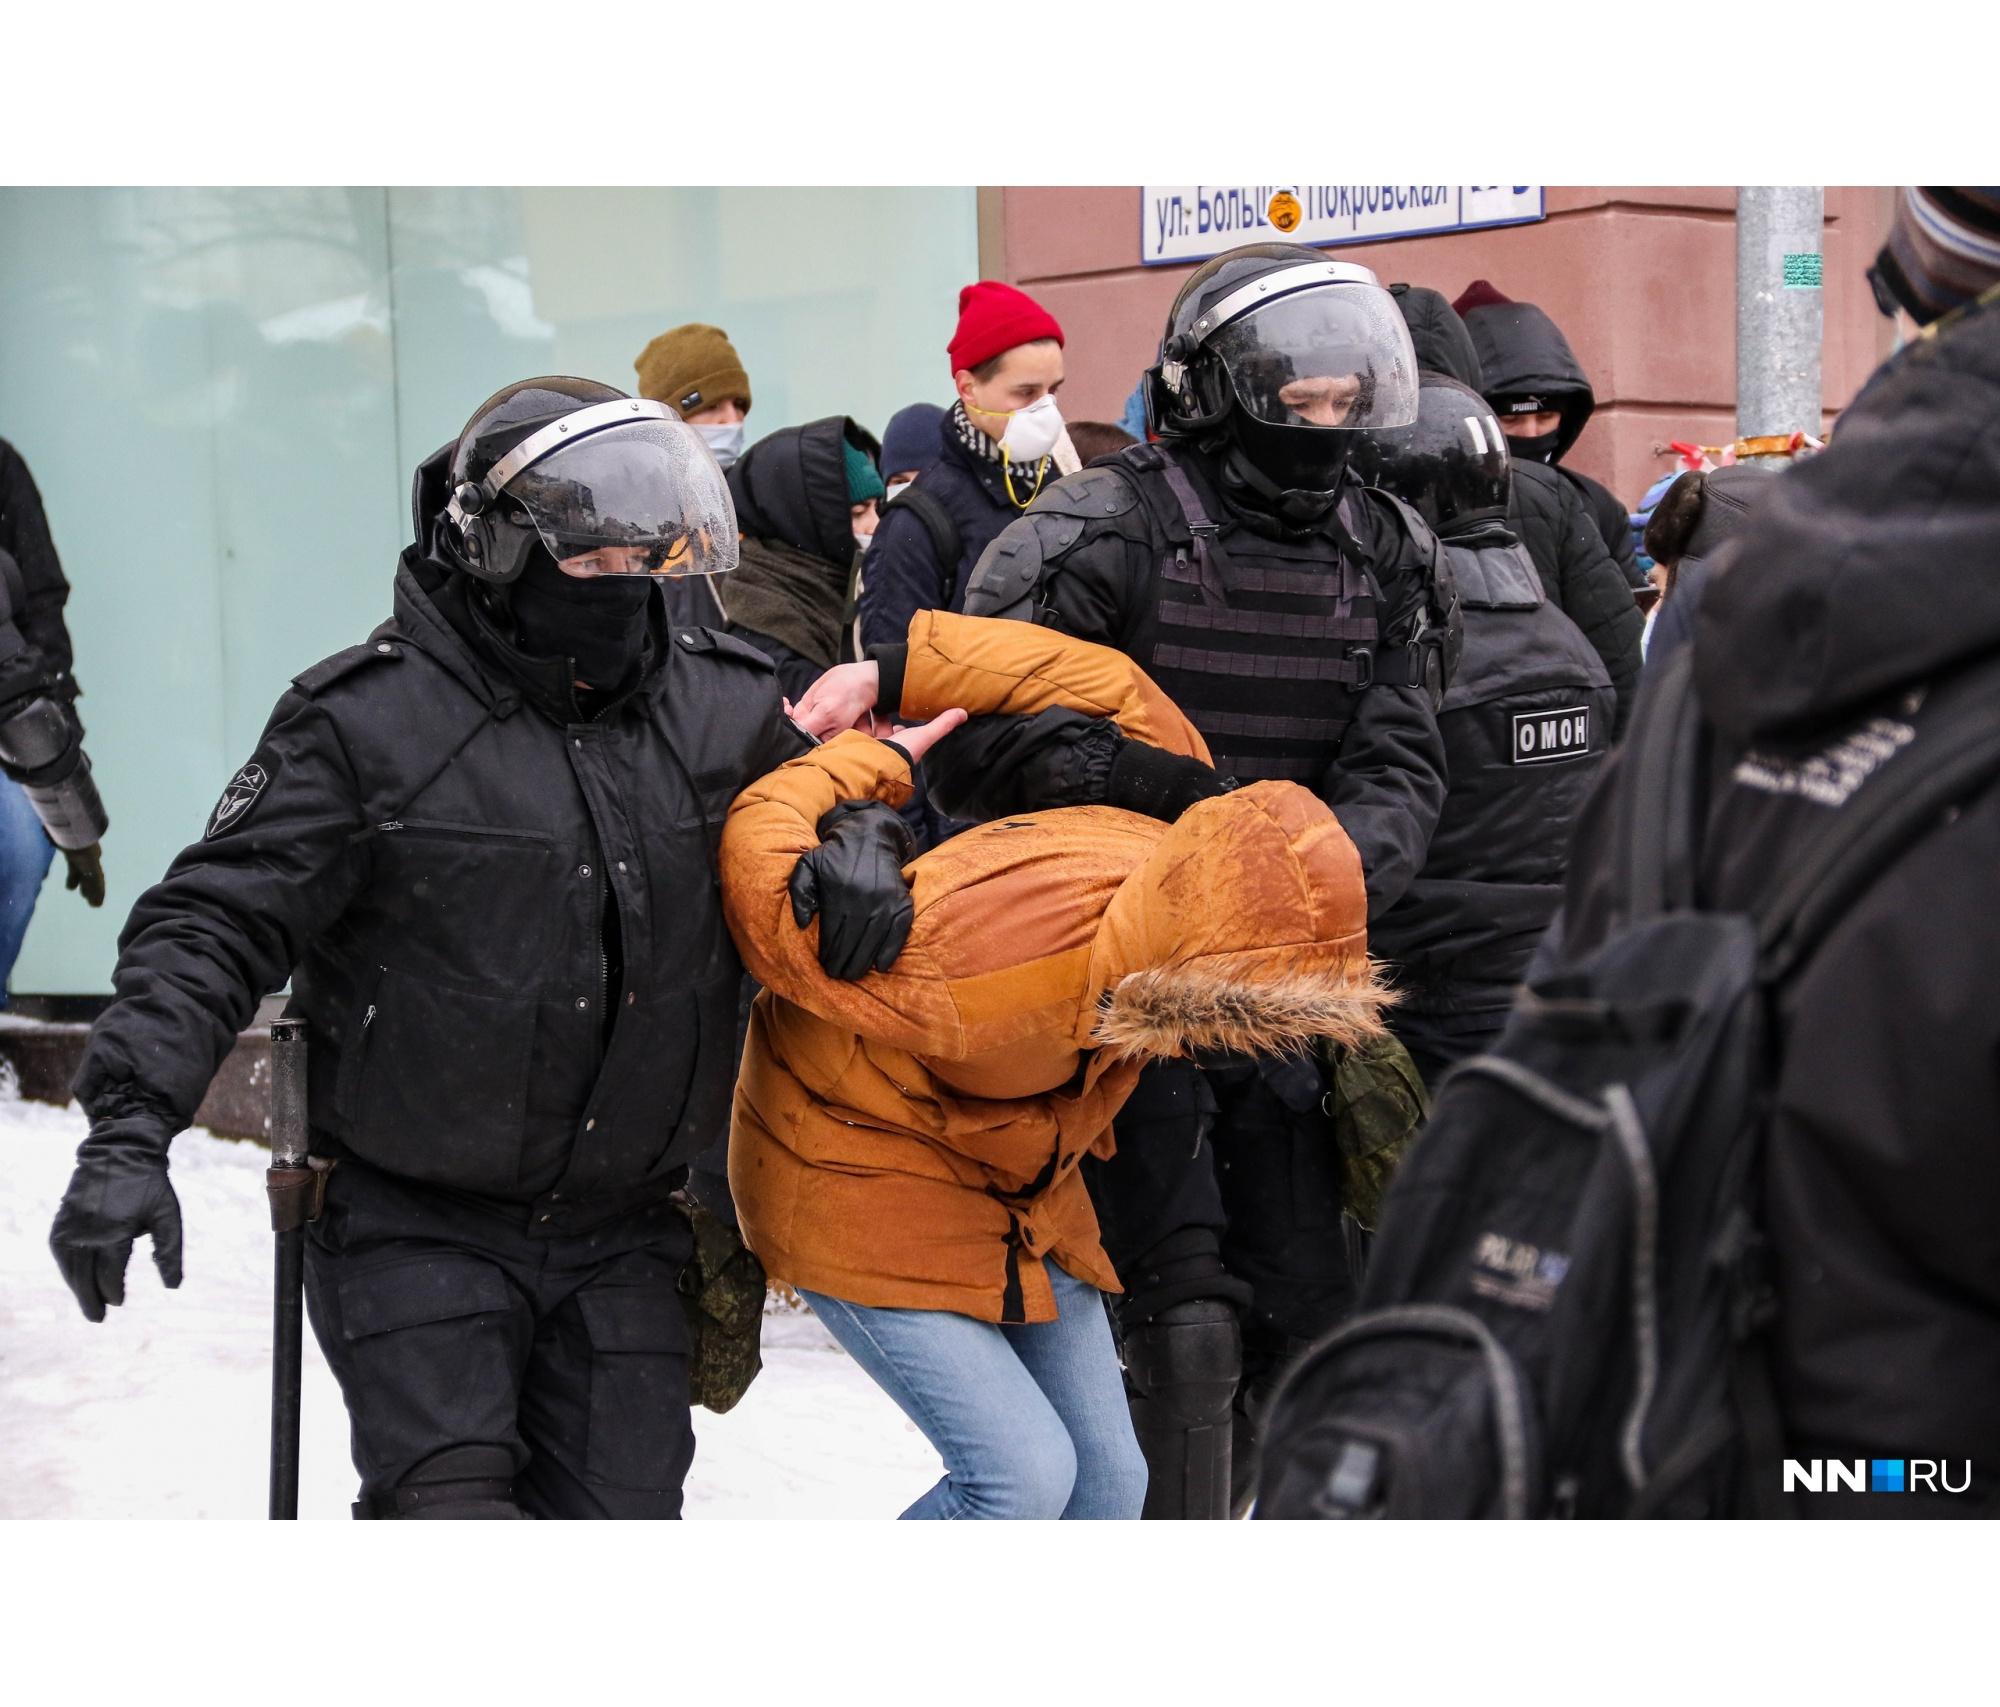 Одних митинговавших полицейские и ОМОН уводили спокойно, к другим же сразу применяли силу